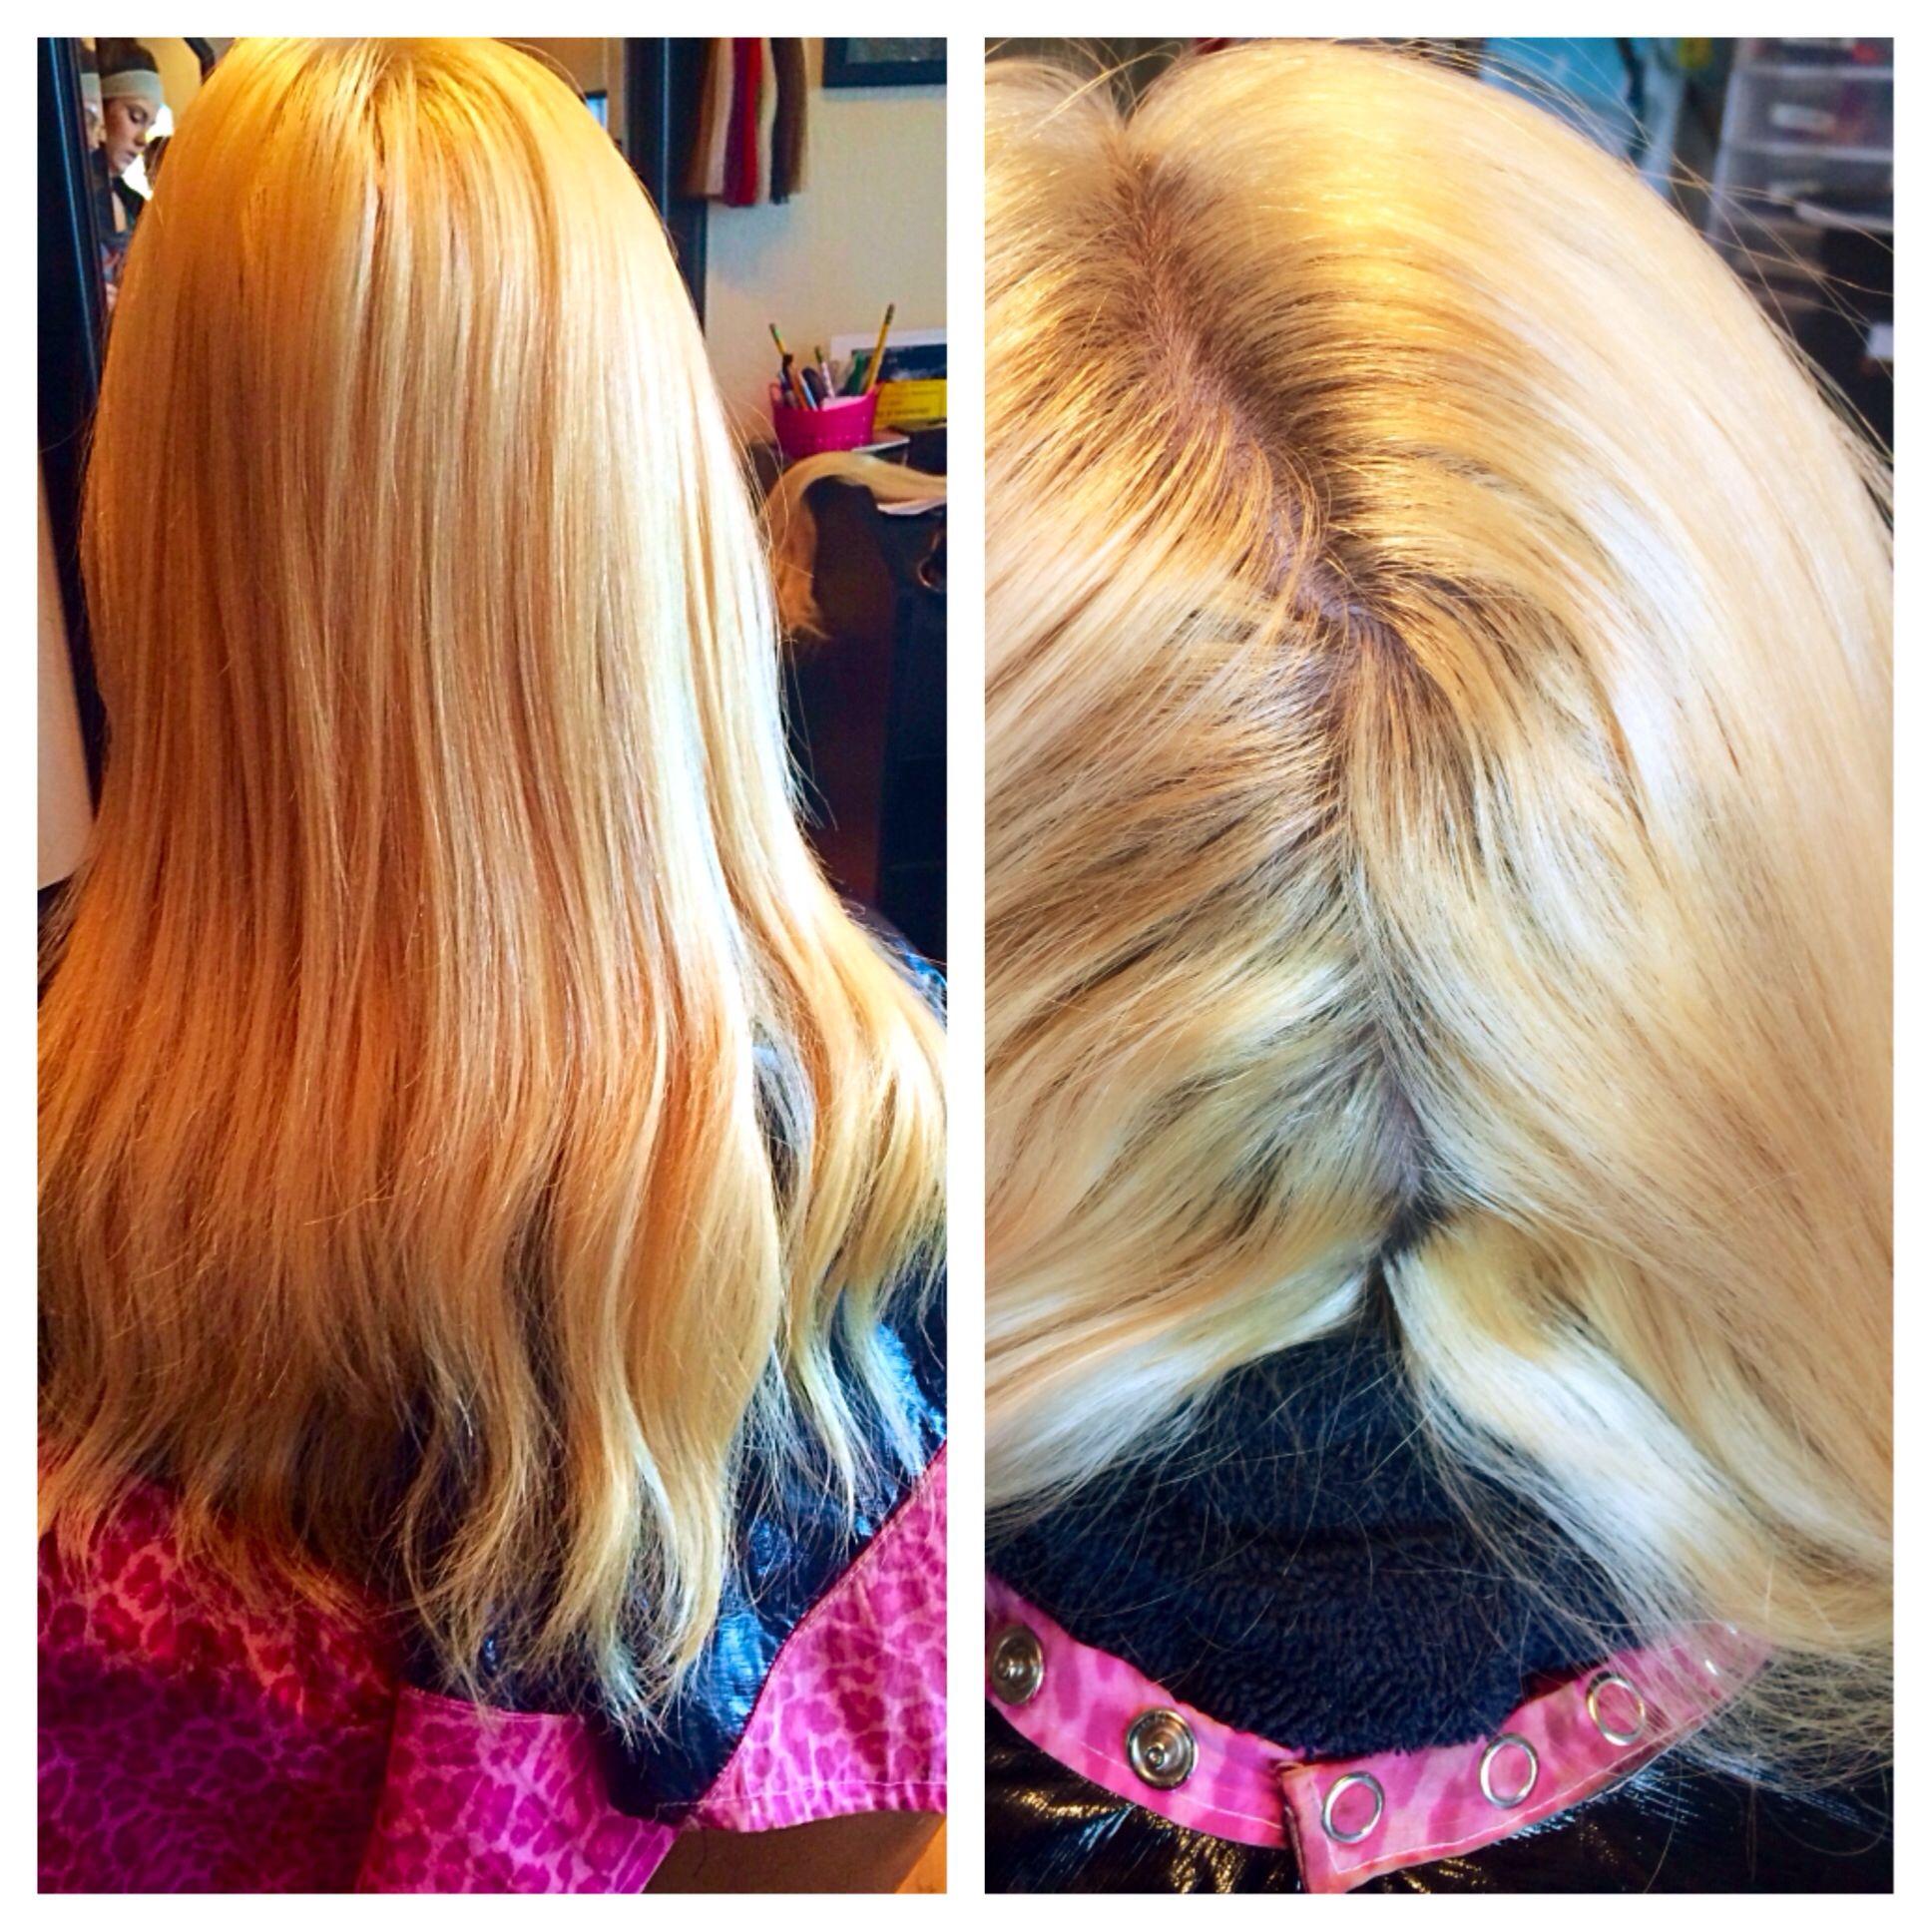 Bad Bleach Job To Hair Photo Hair Creations Long Hair Styles